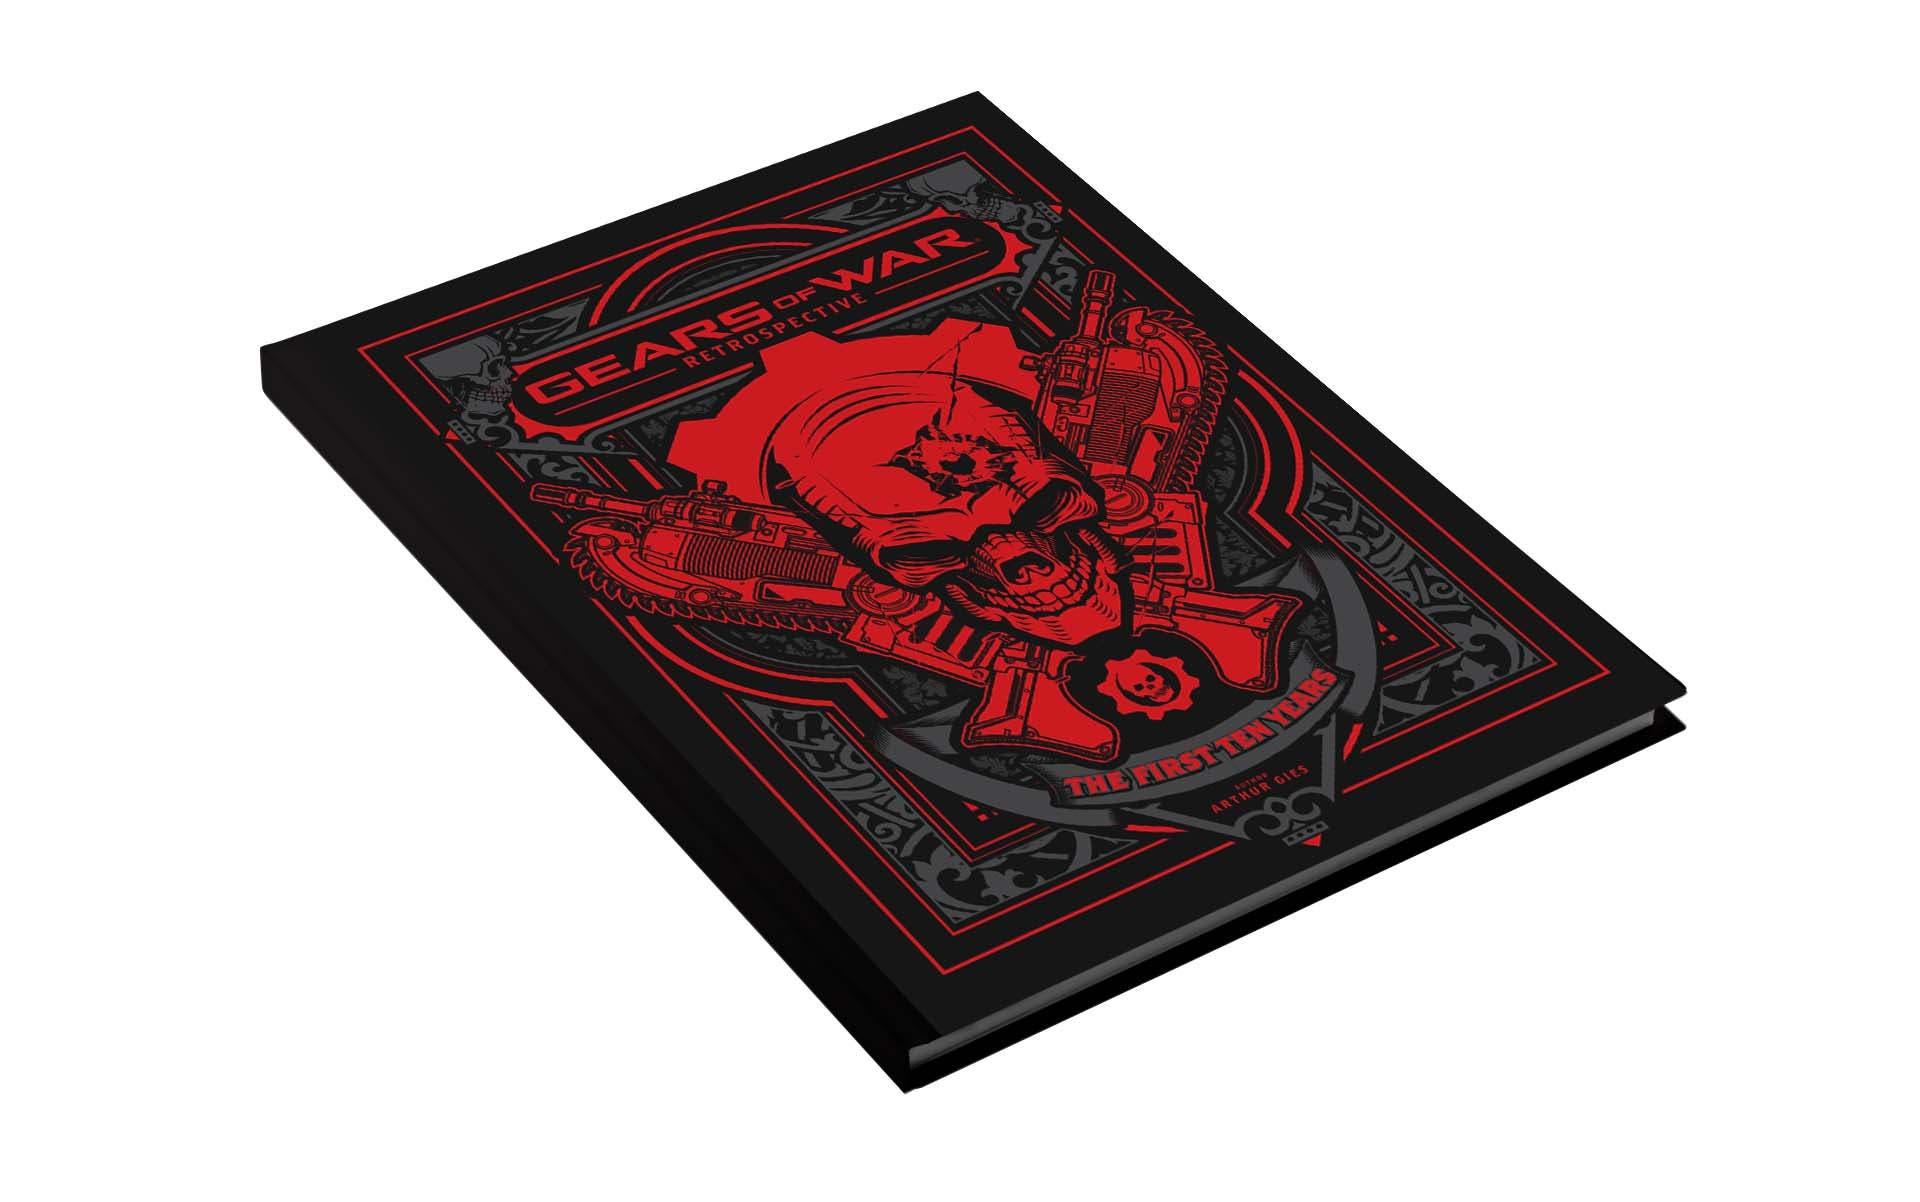 Se presenta Gears of War: Retrospective, un libro con los 10 años de la saga